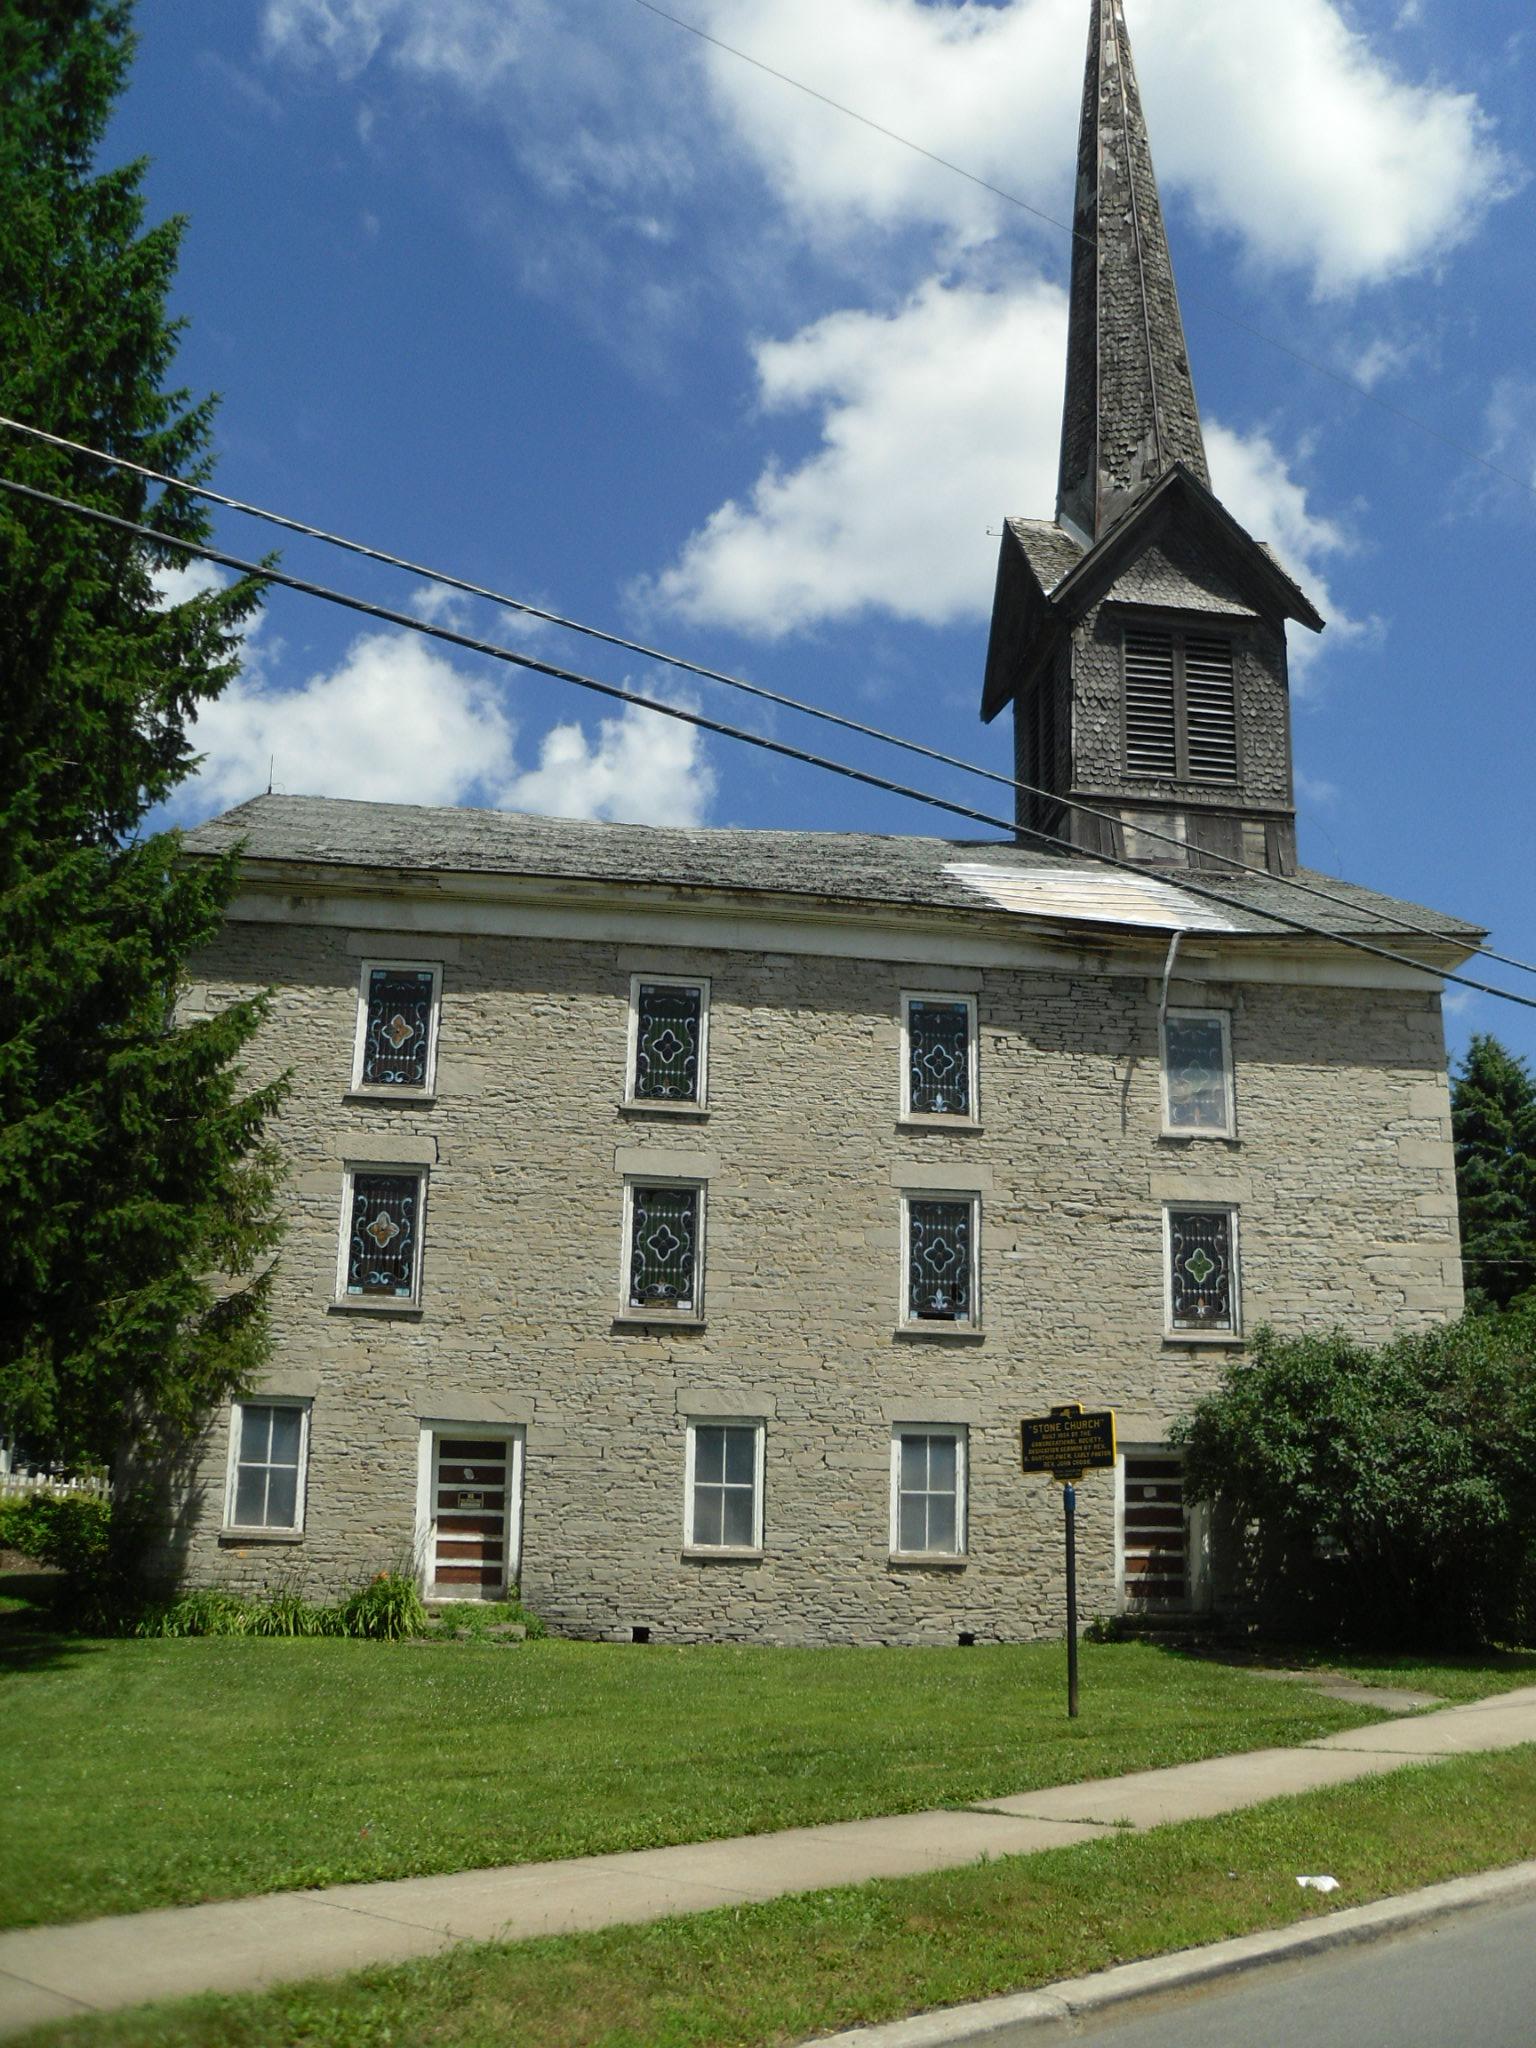 New york oneida county oriskany falls - File First Congregational Free Church Oriskany Falls Ny Jul 10 Jpg